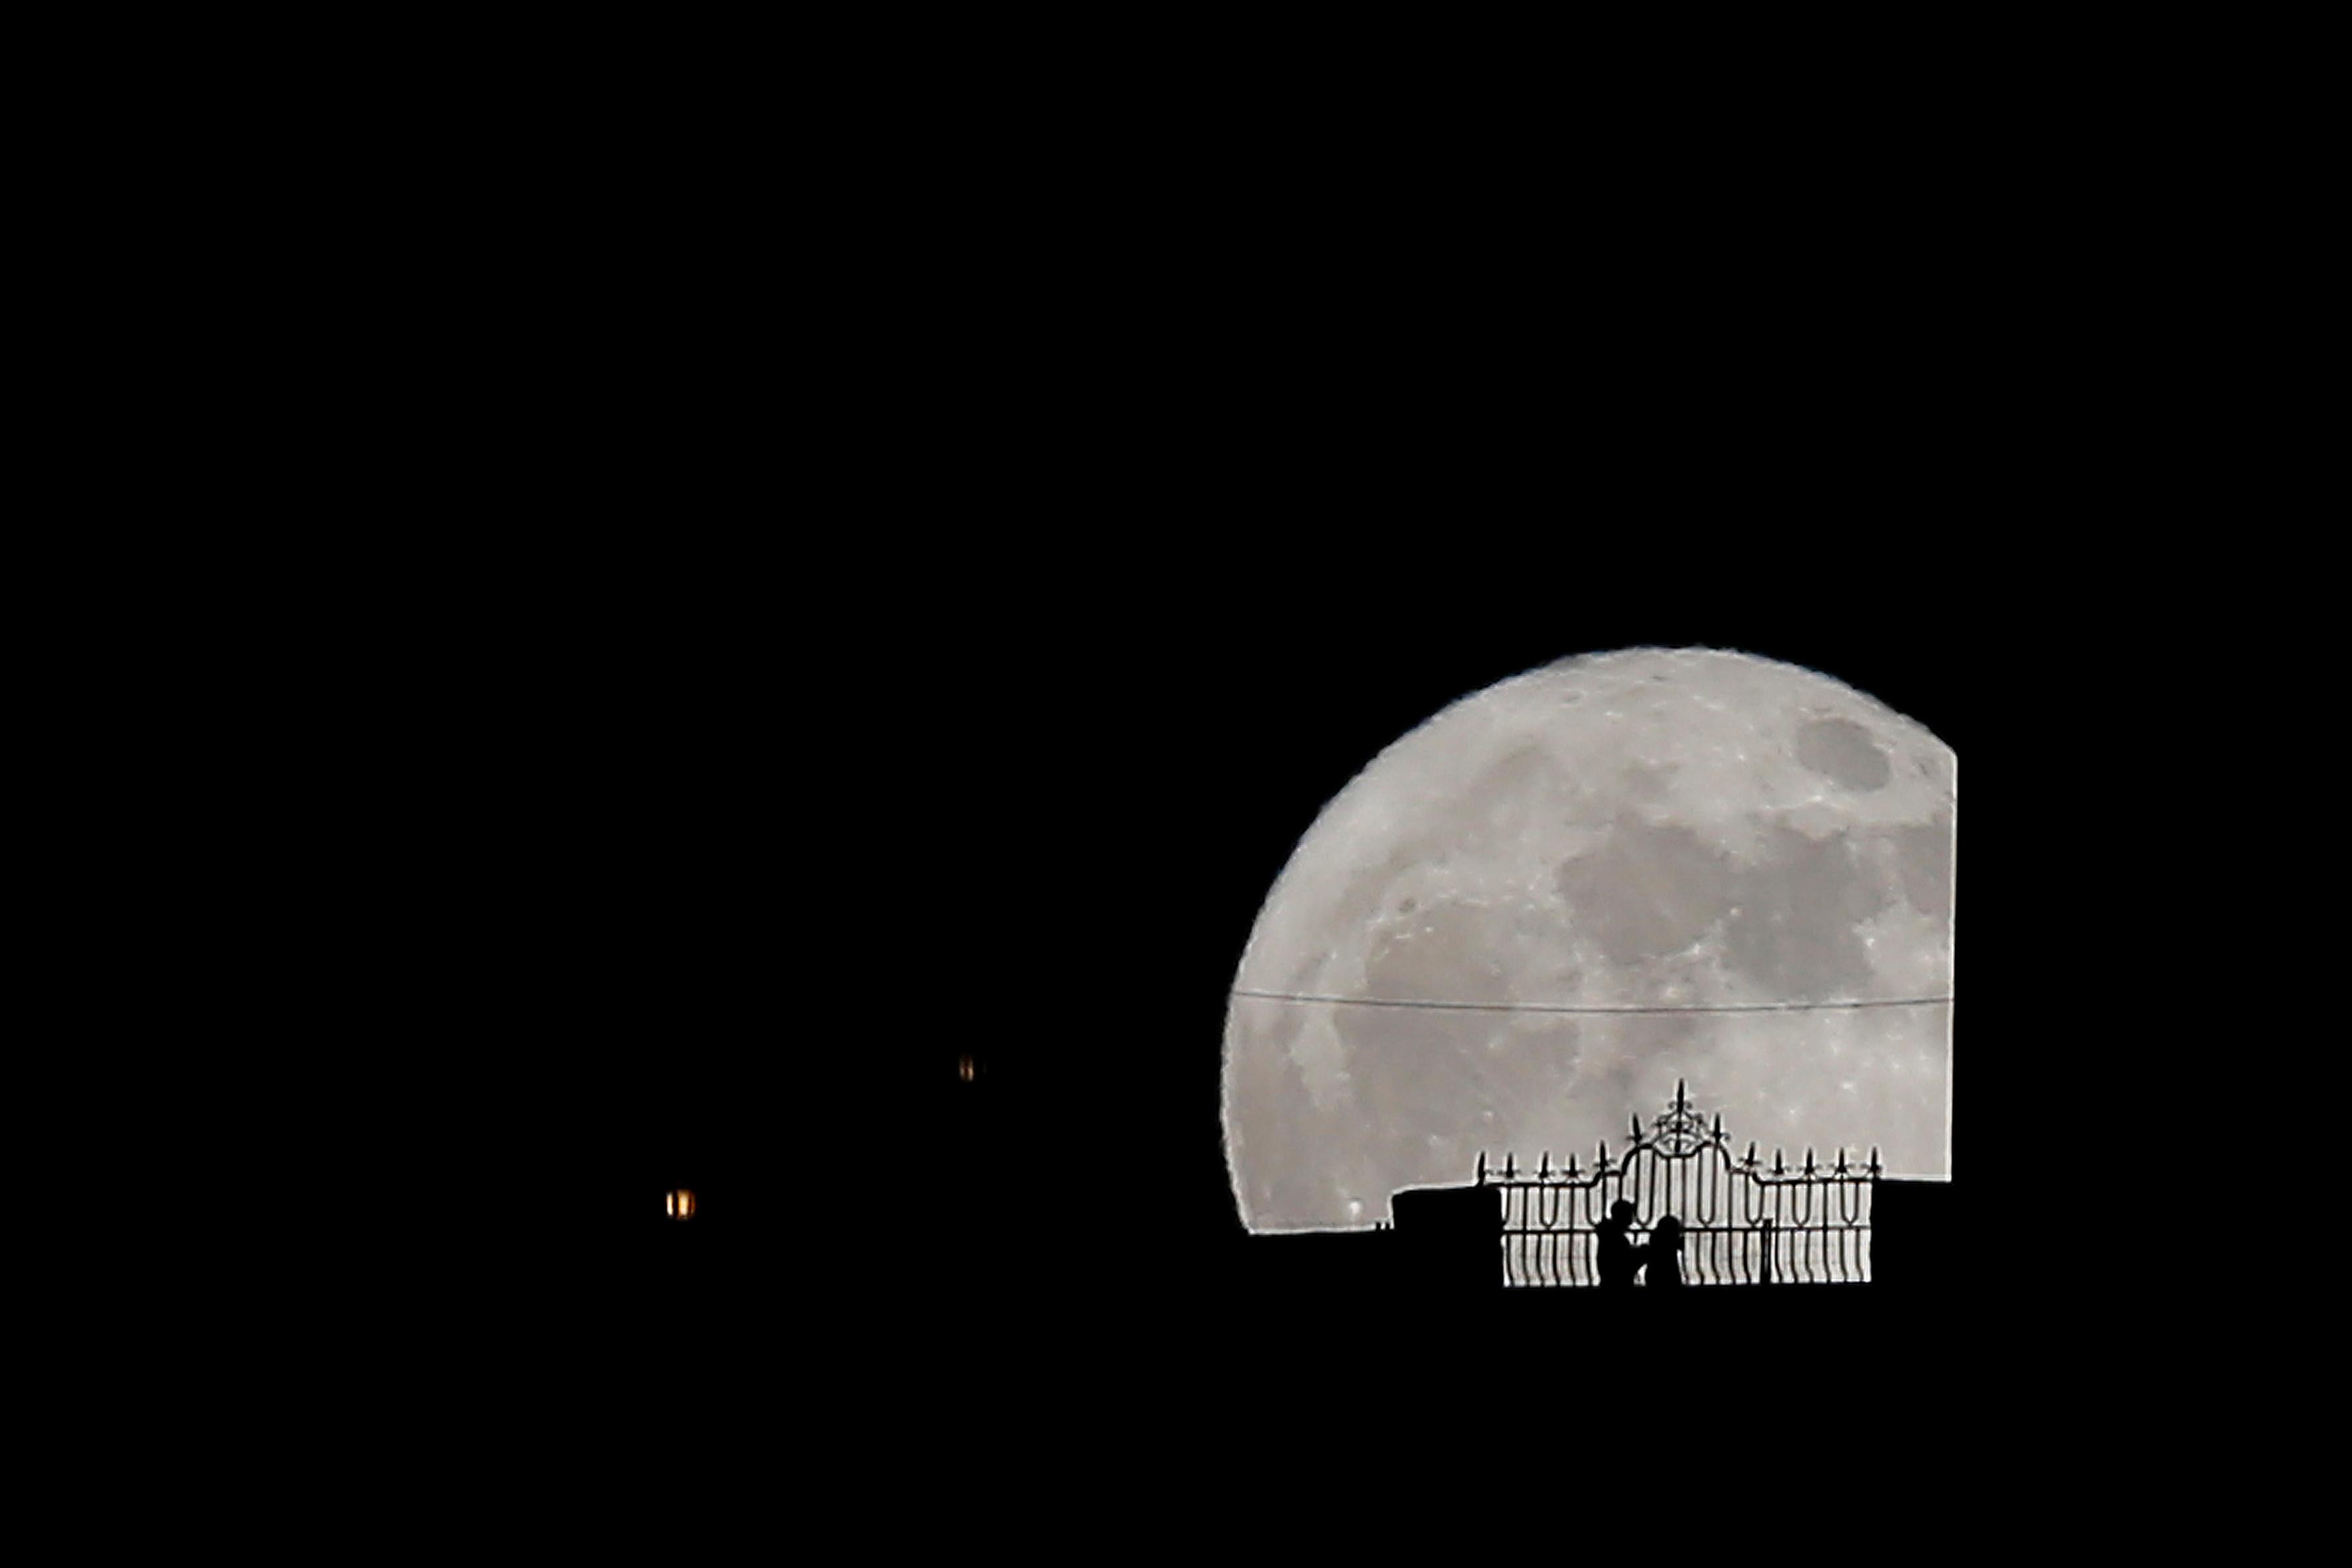 القمر يزين سماء إسبانيا